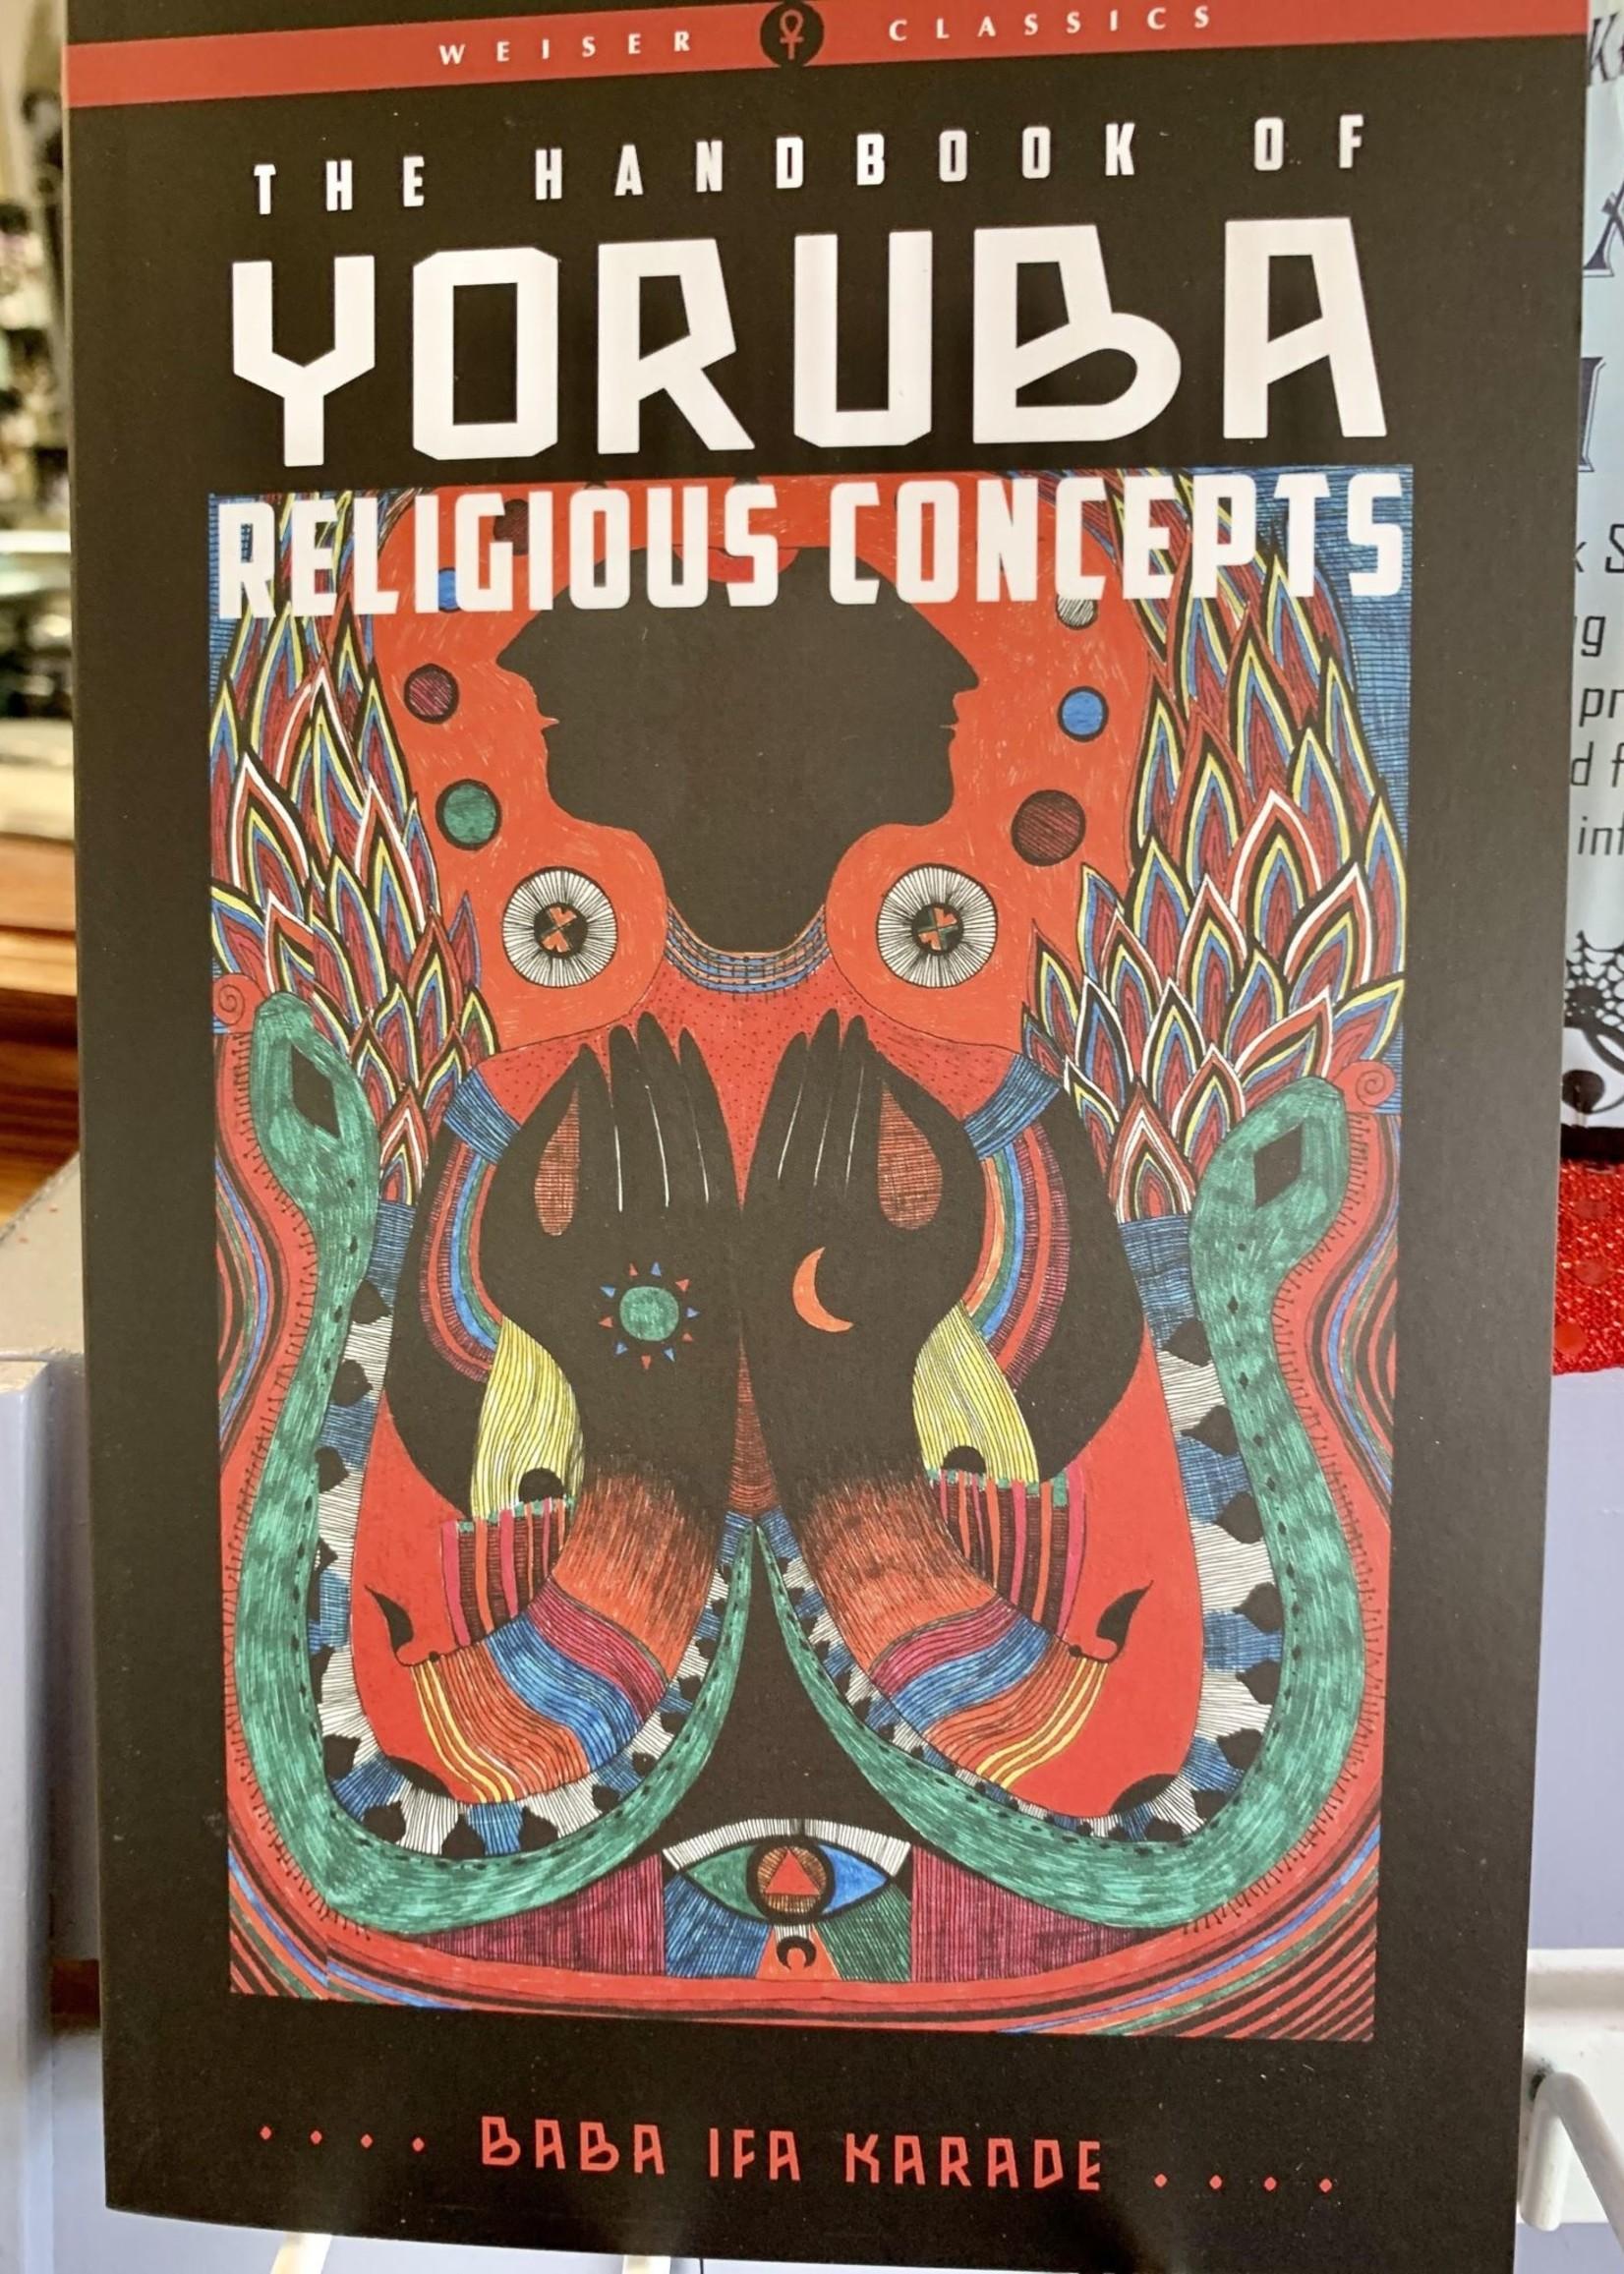 The Handbook of Yoruba Religious Concepts - Baba ifa Karade